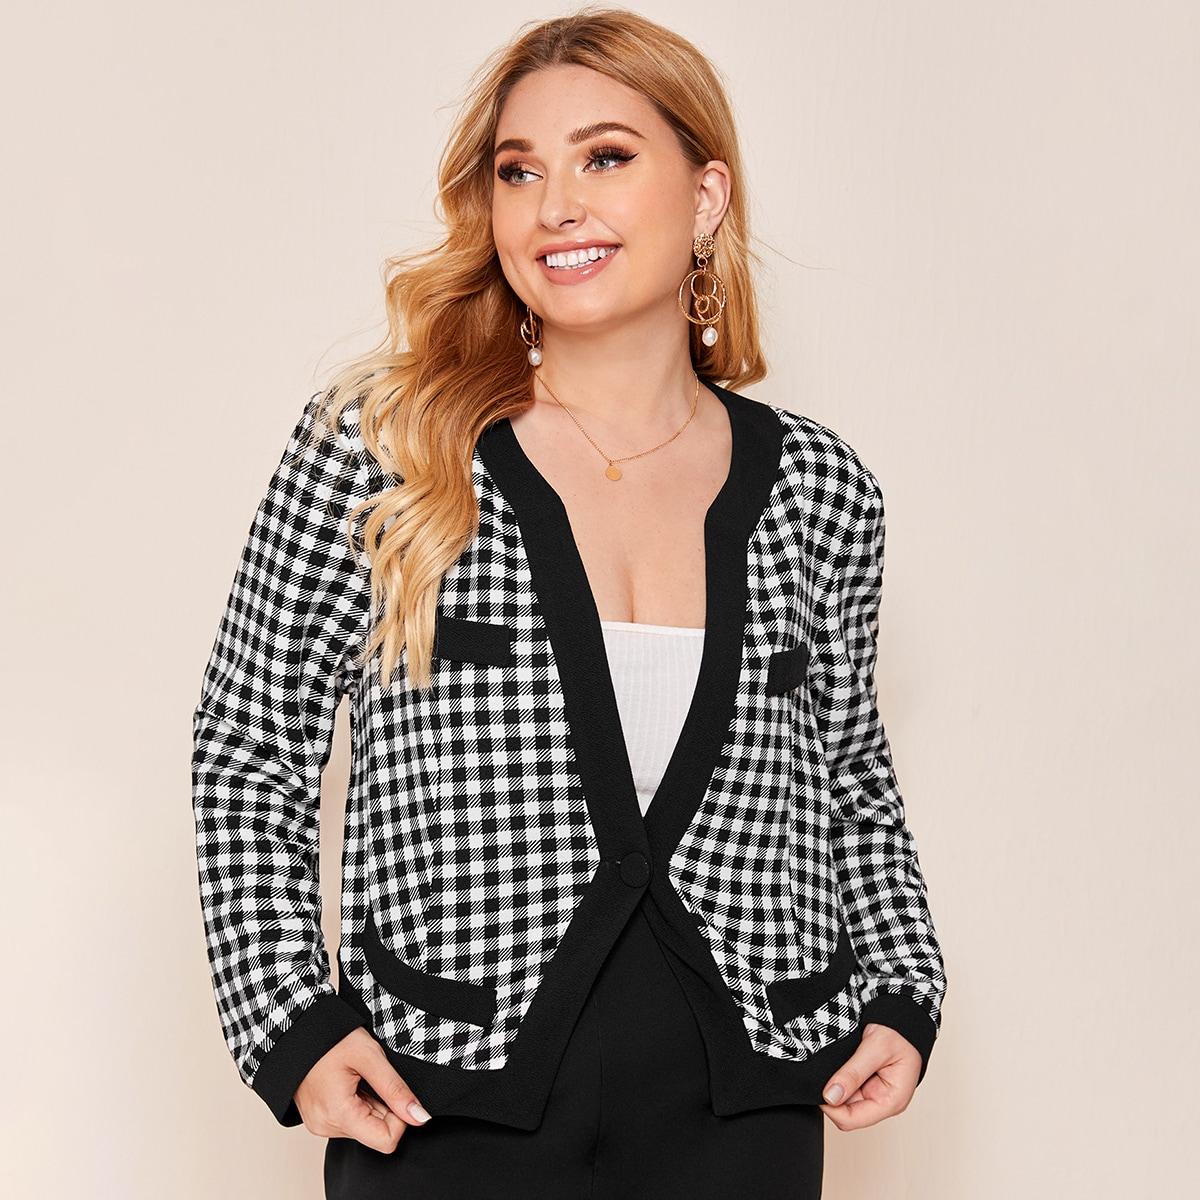 Куртка в клетку с одной пуговицей размера плюс фото